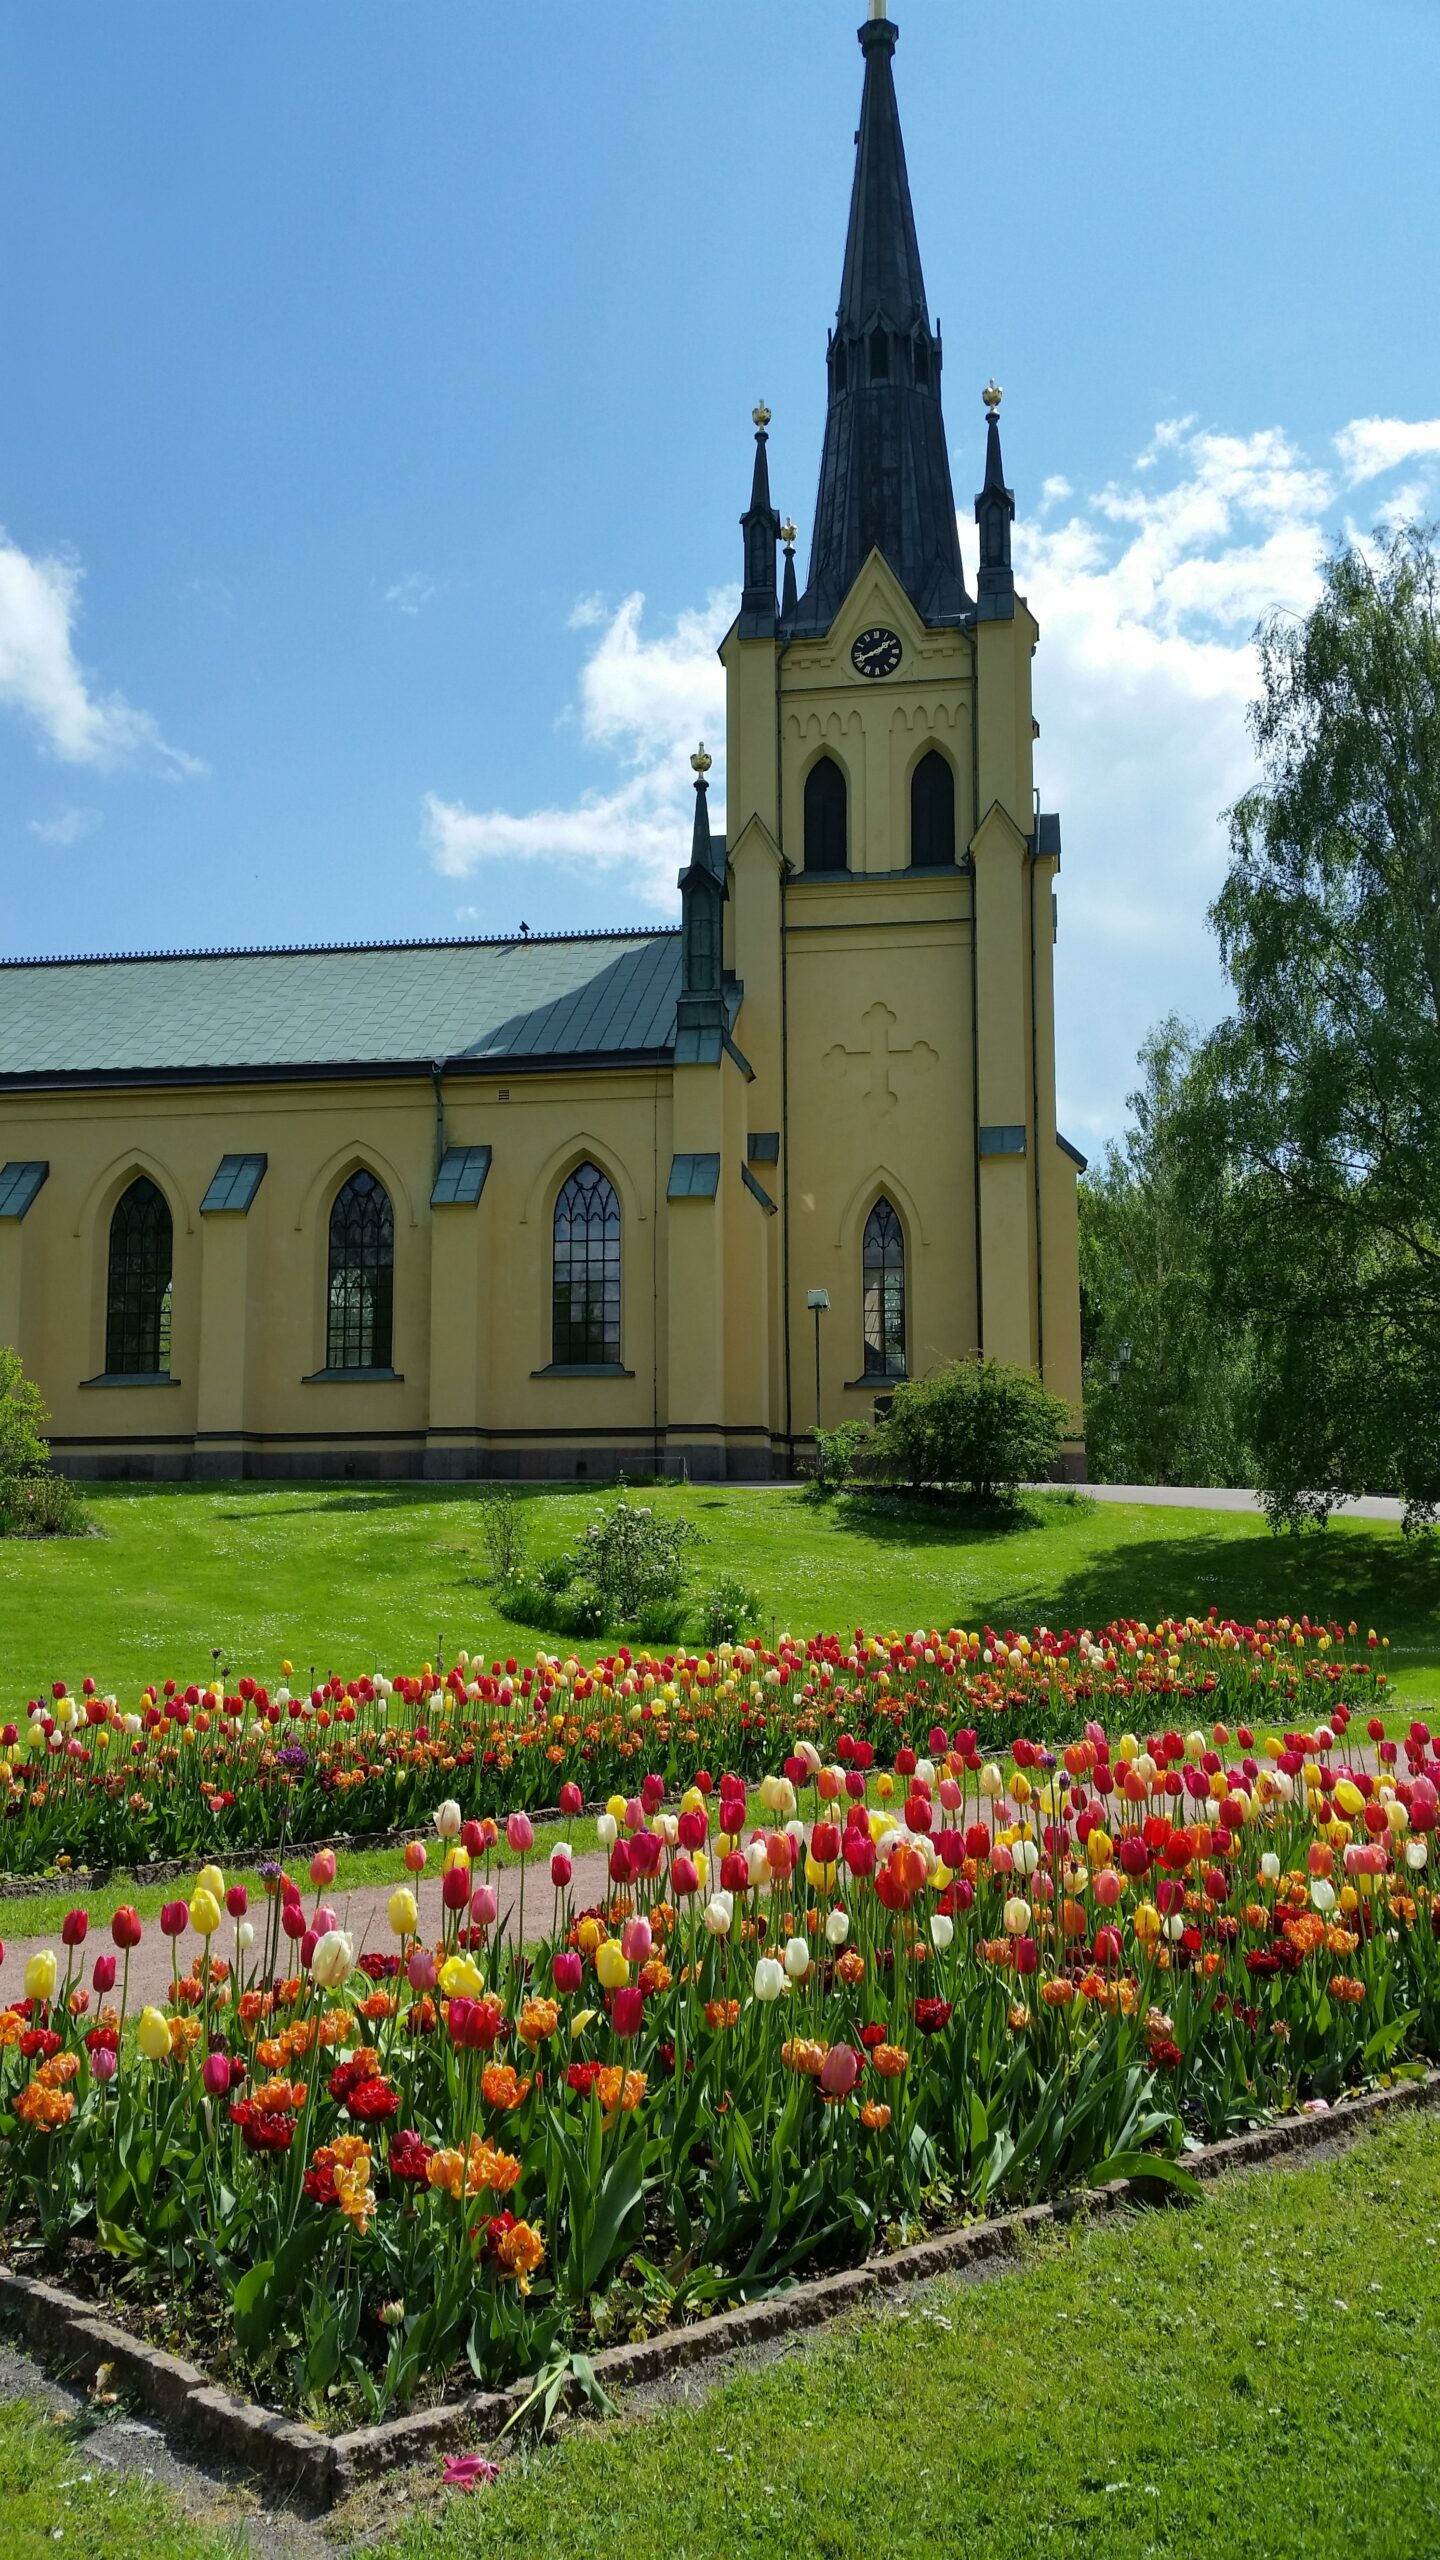 Vackra blommor framför kyrkan i Oskarshamn.